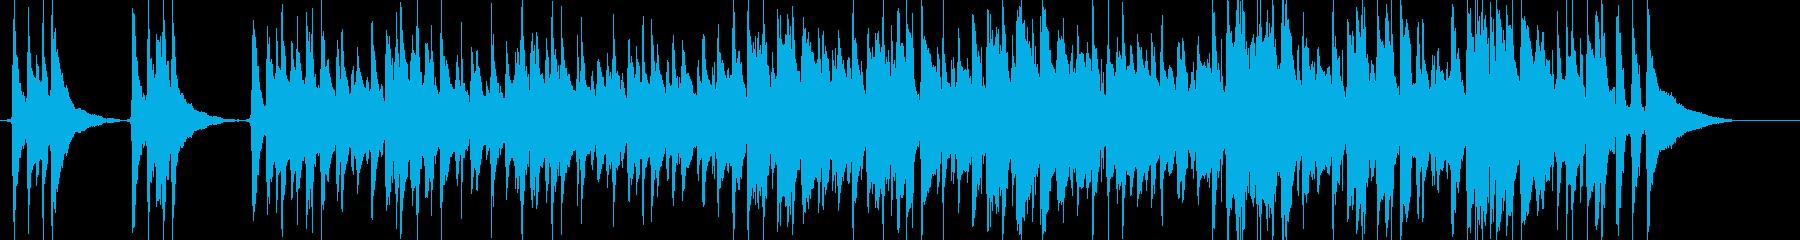 アコースティック楽器。ウレレとアコ...の再生済みの波形